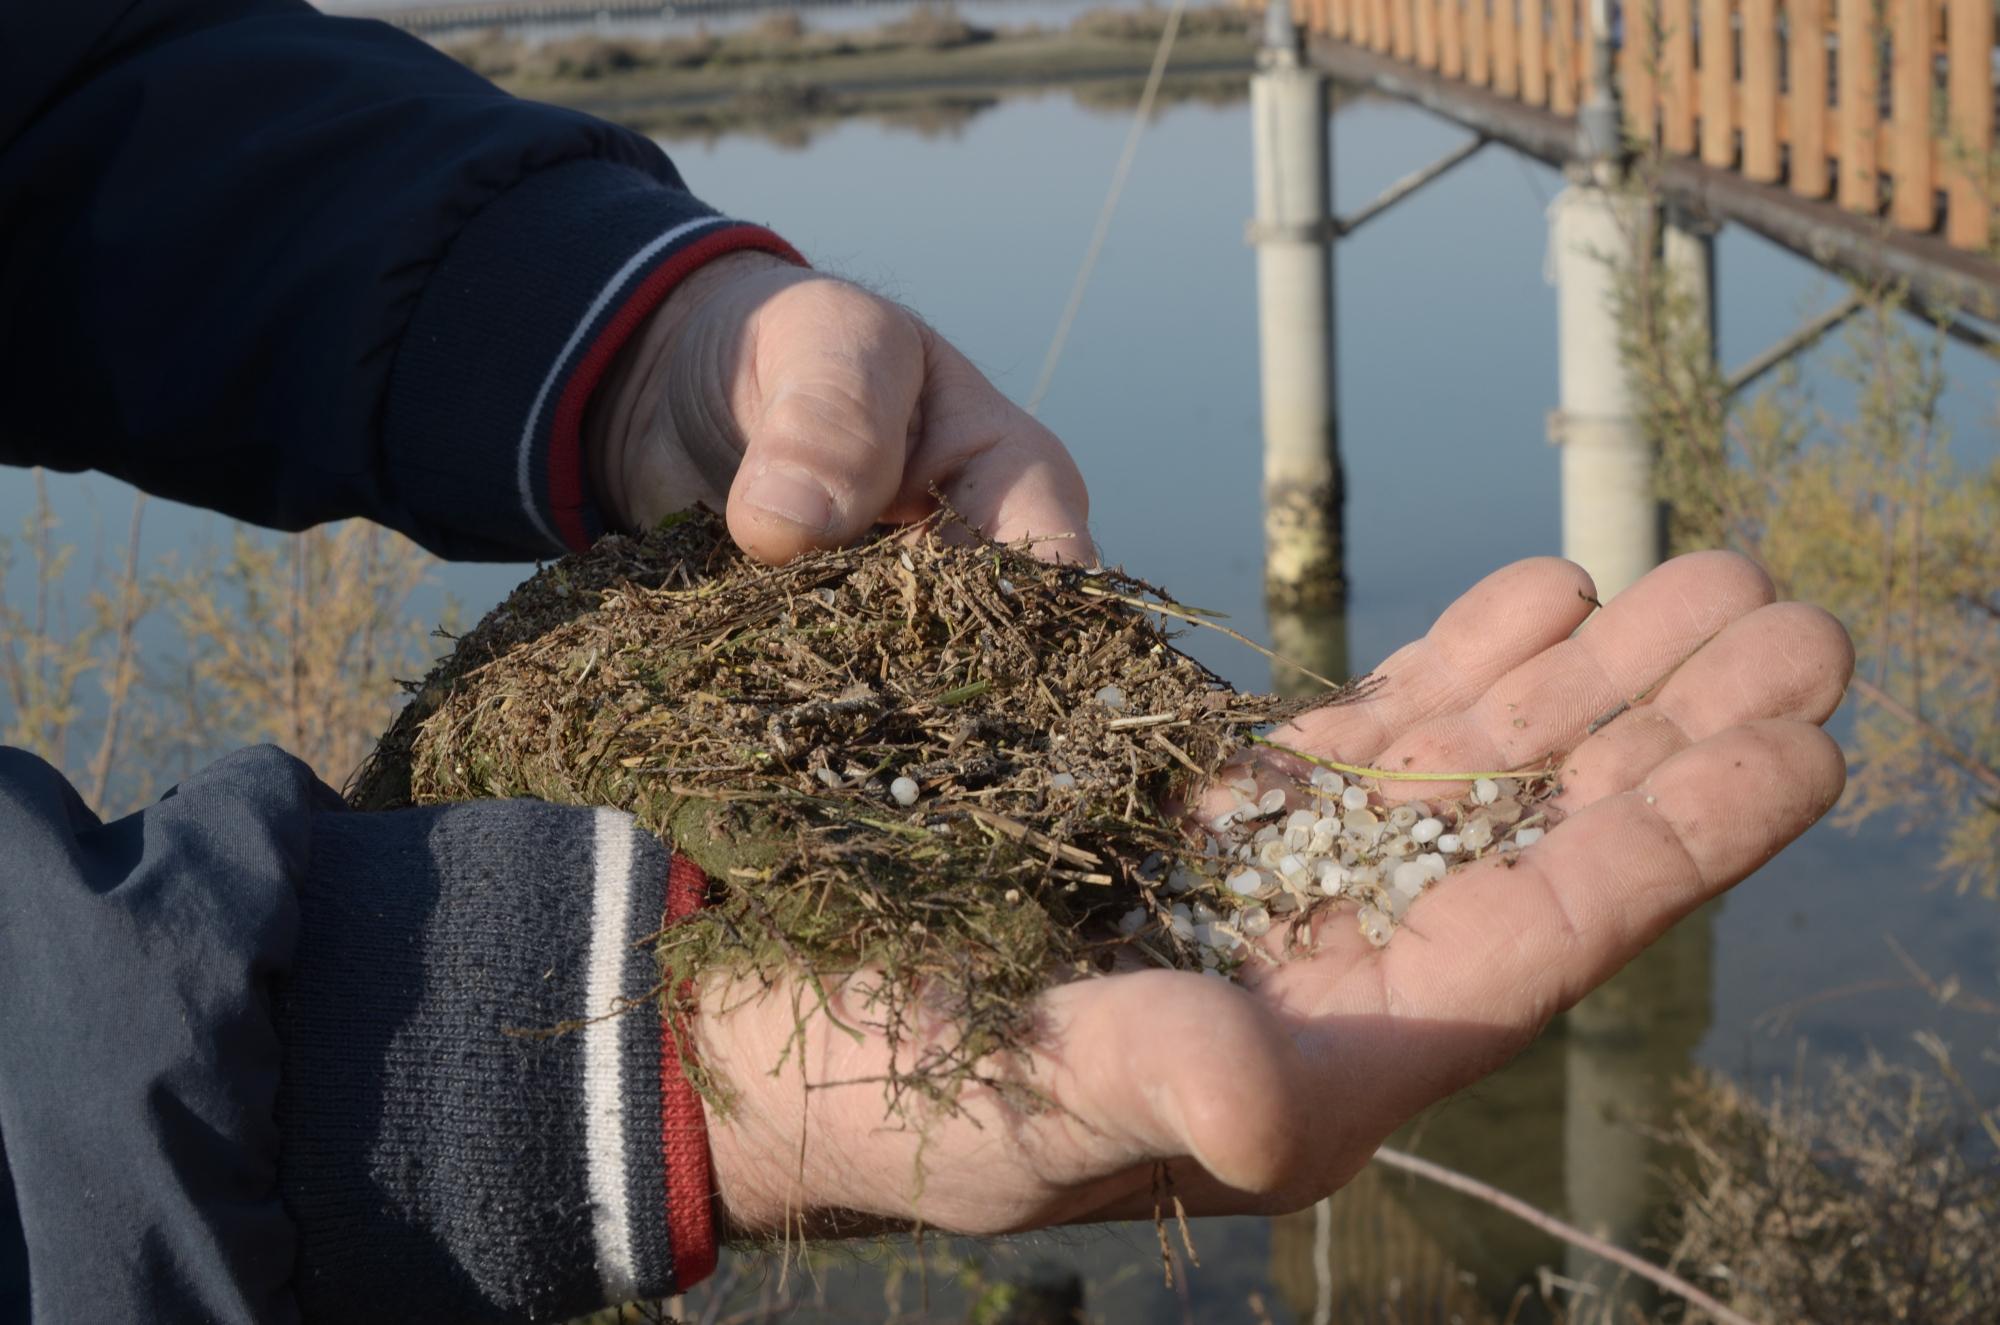 Ravenna, valle invasa da microplastiche. Nuovo allarme ambientale